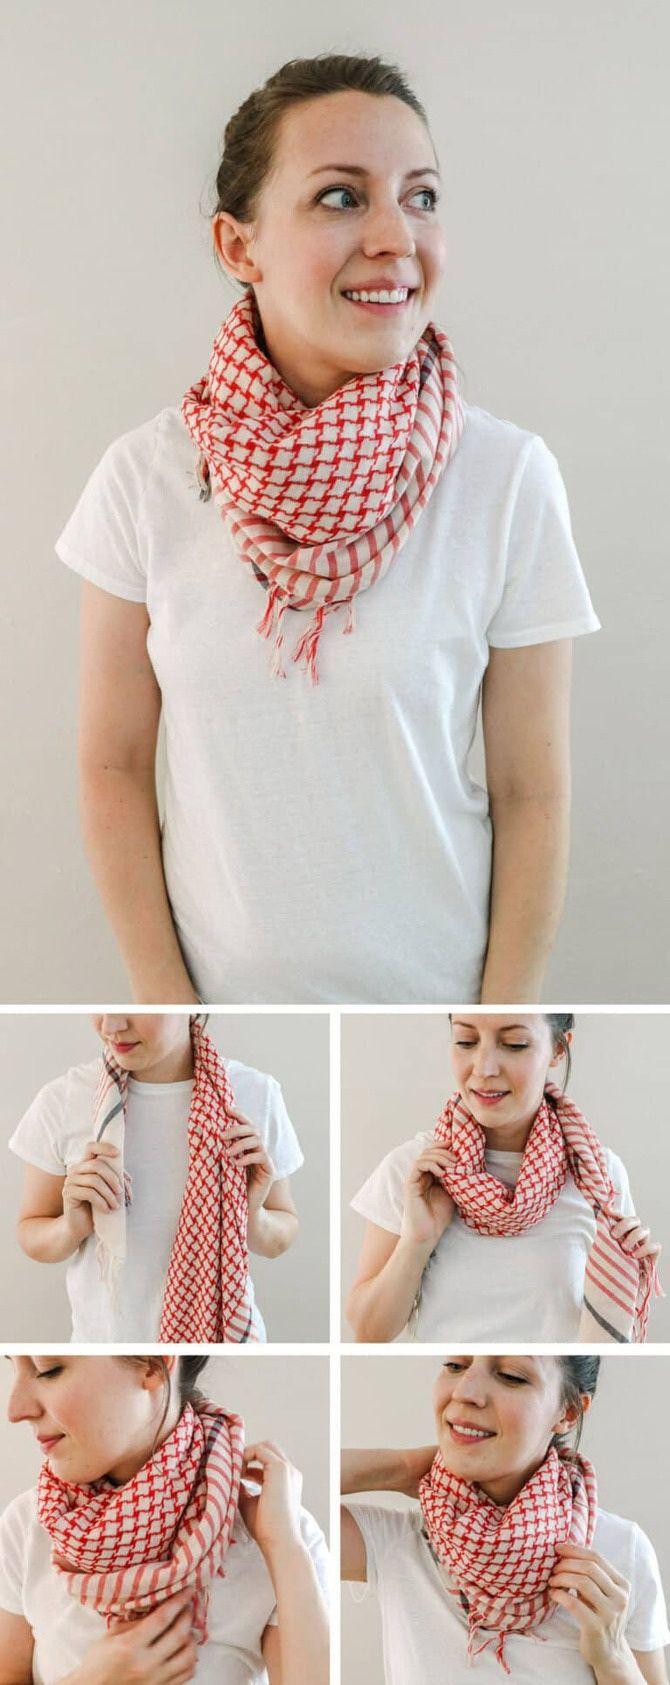 Как красиво завязать шарф: 19 лучших способов 2